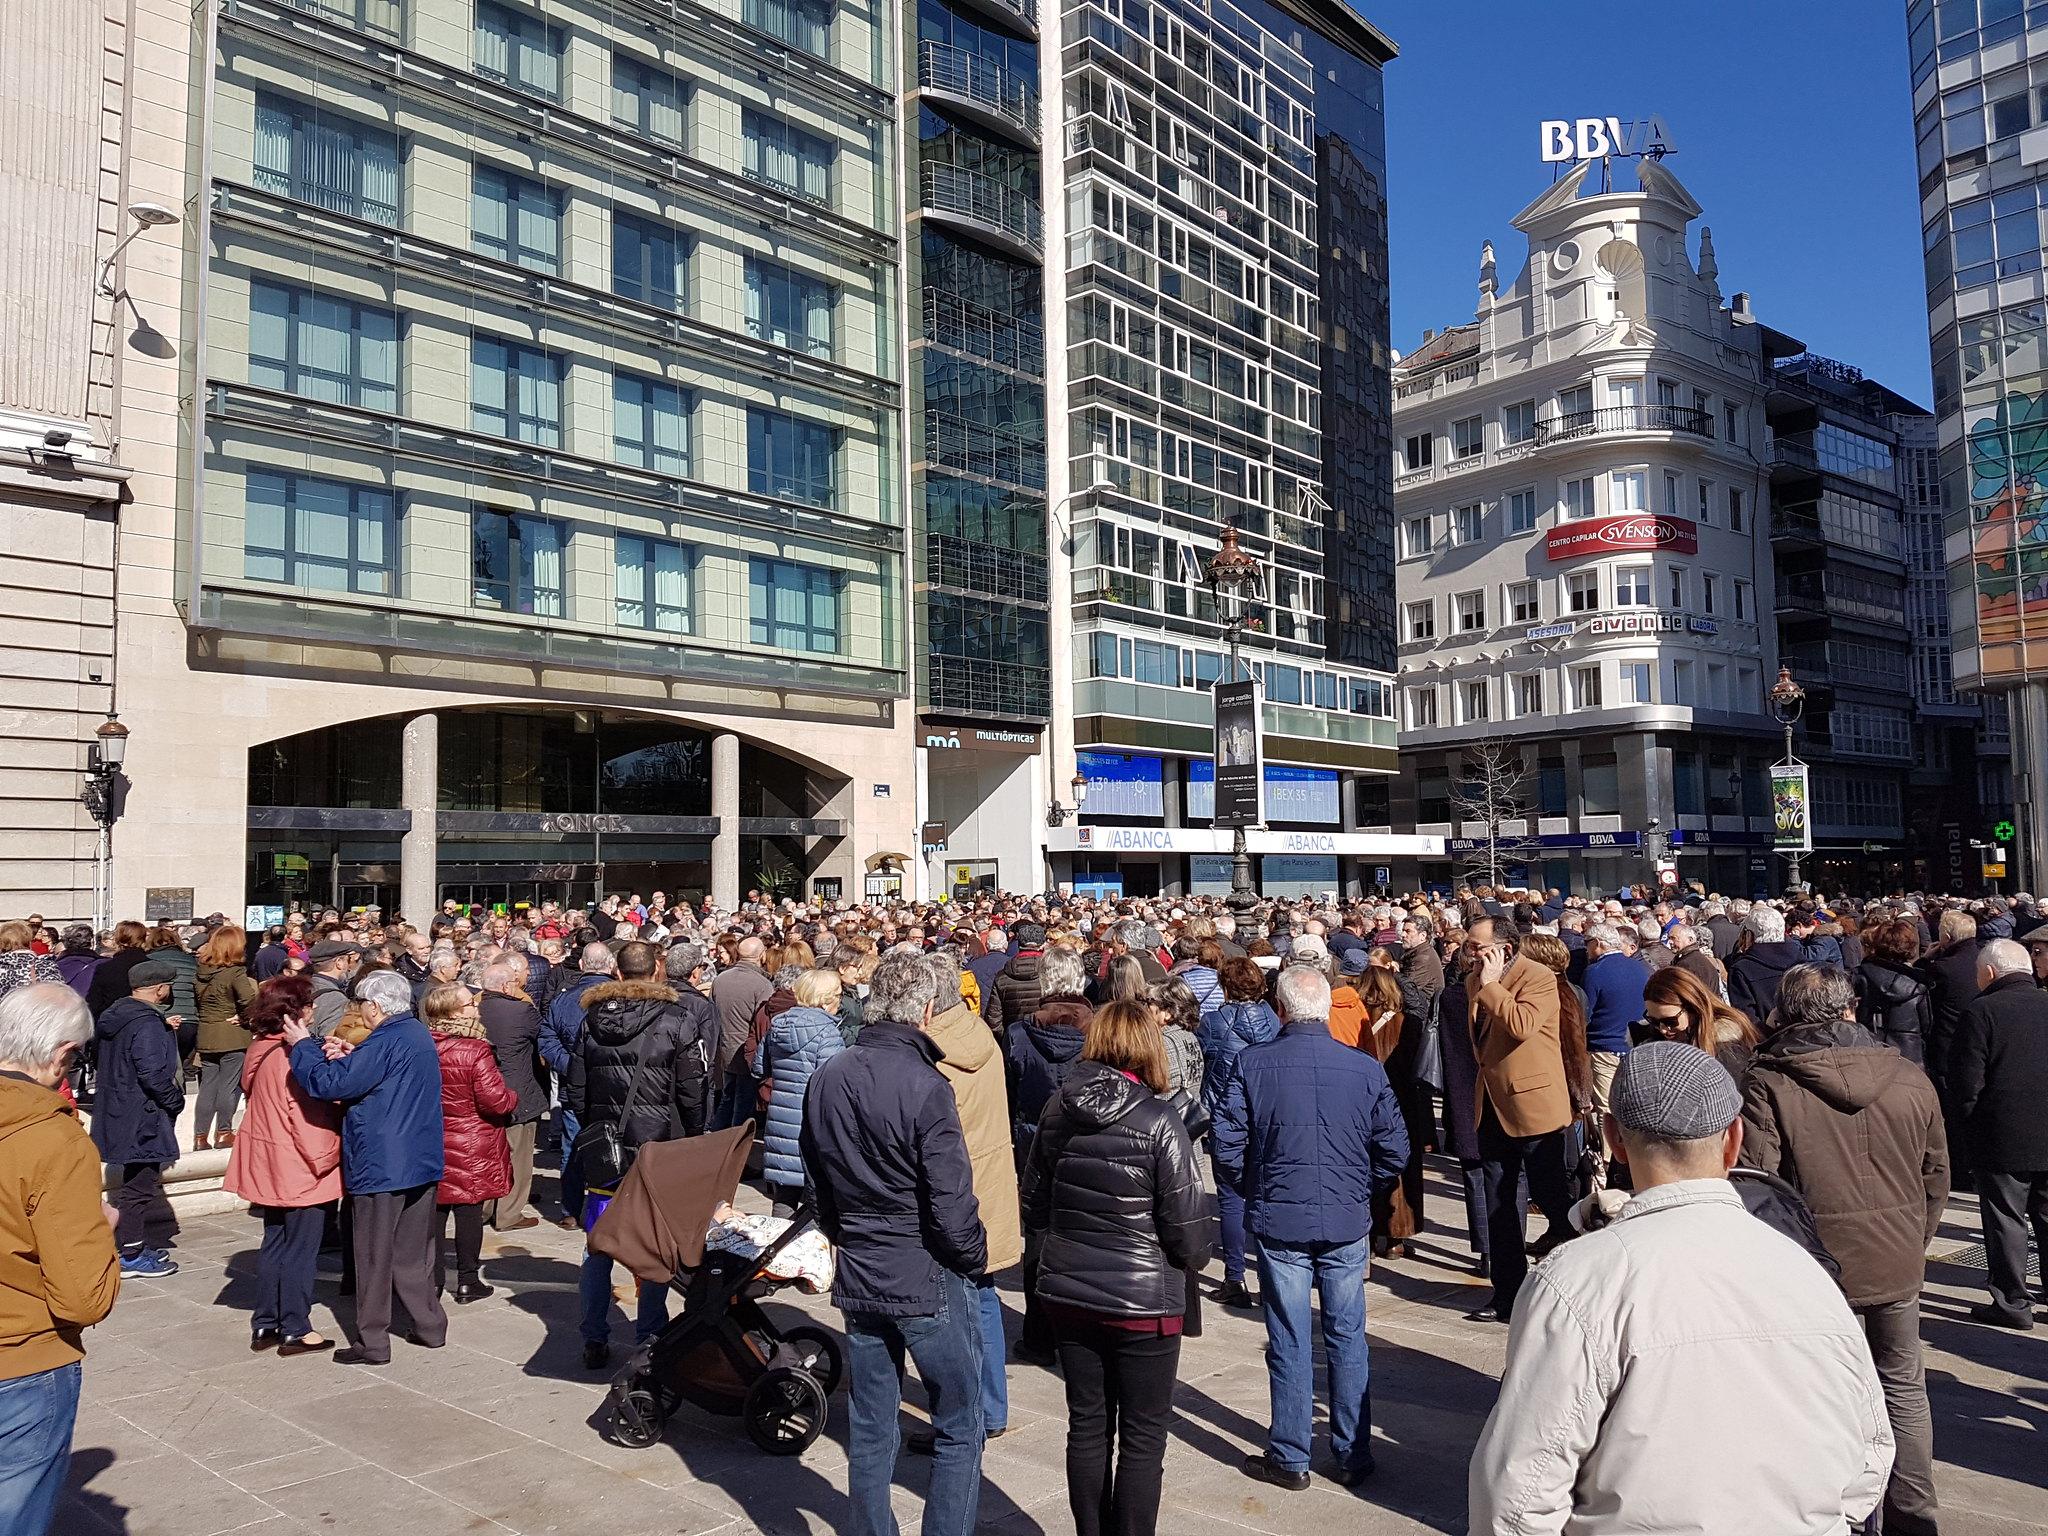 Jubilados en la calle en defensa de su poder adquisitivo y del Sistema Publico de Pensiones